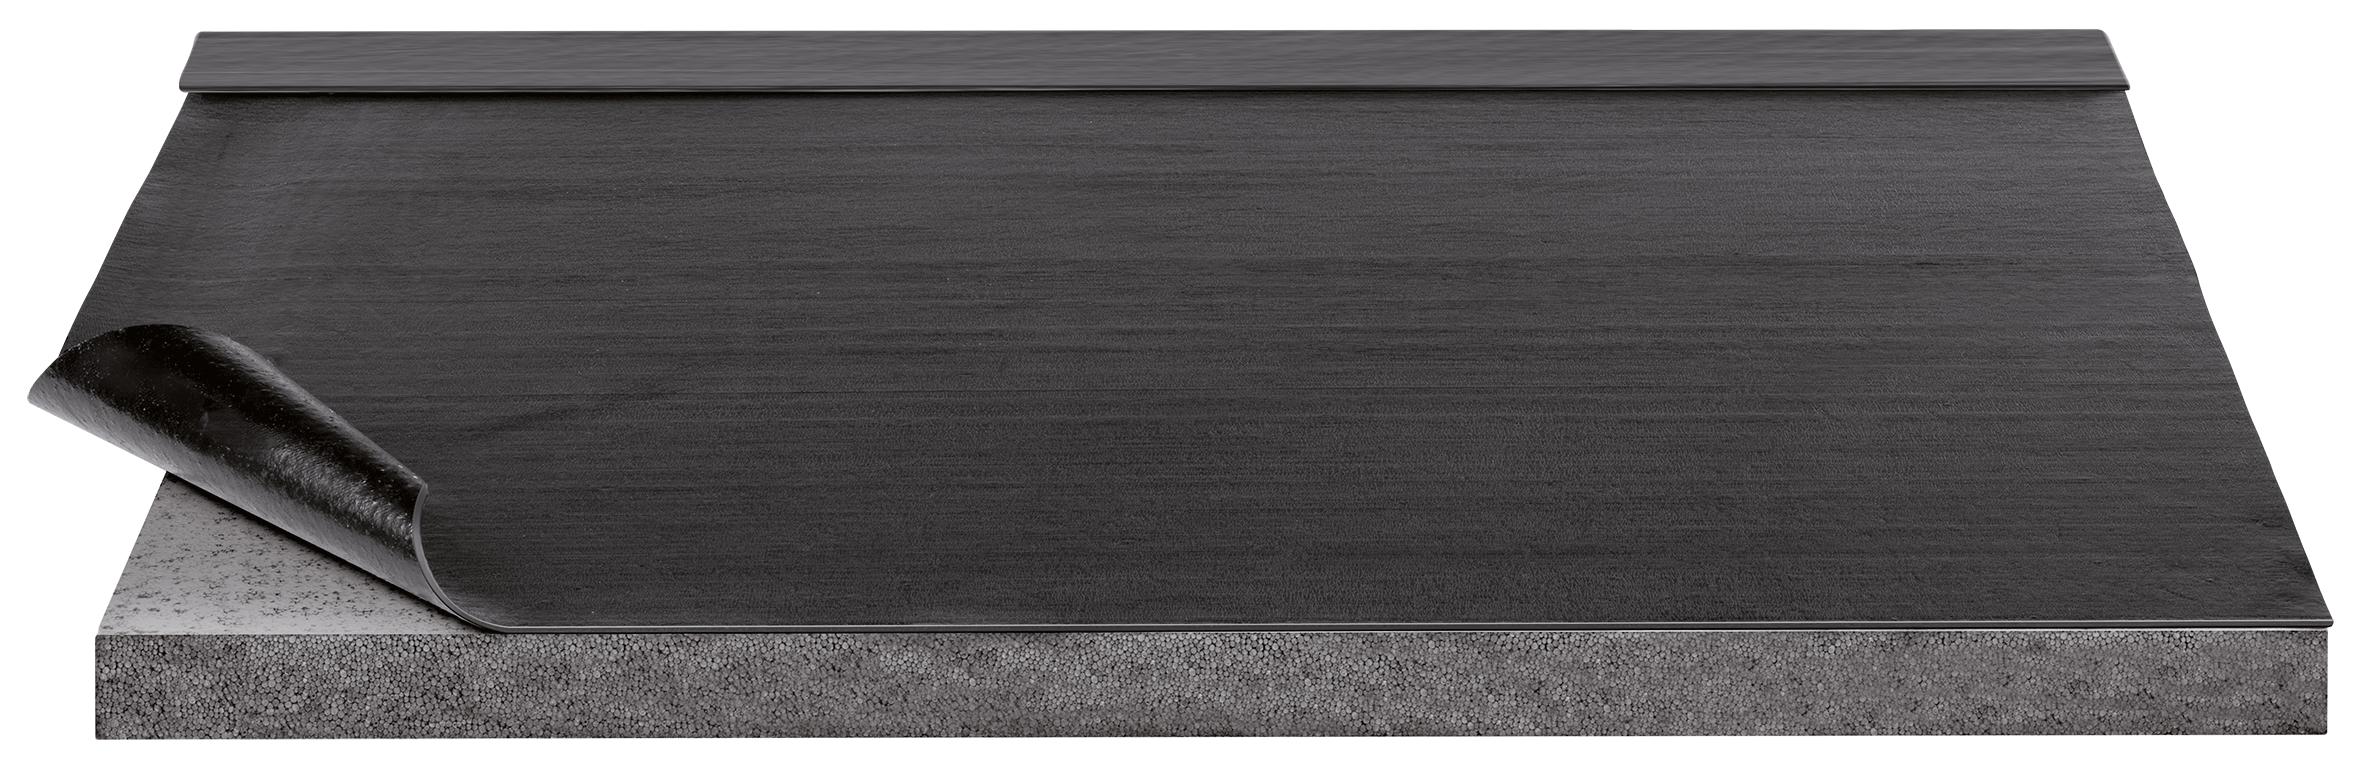 pannello in eps neopor impermeabilizzante e isolante per coperture tetti Fopan EPS Dark nuova fopan